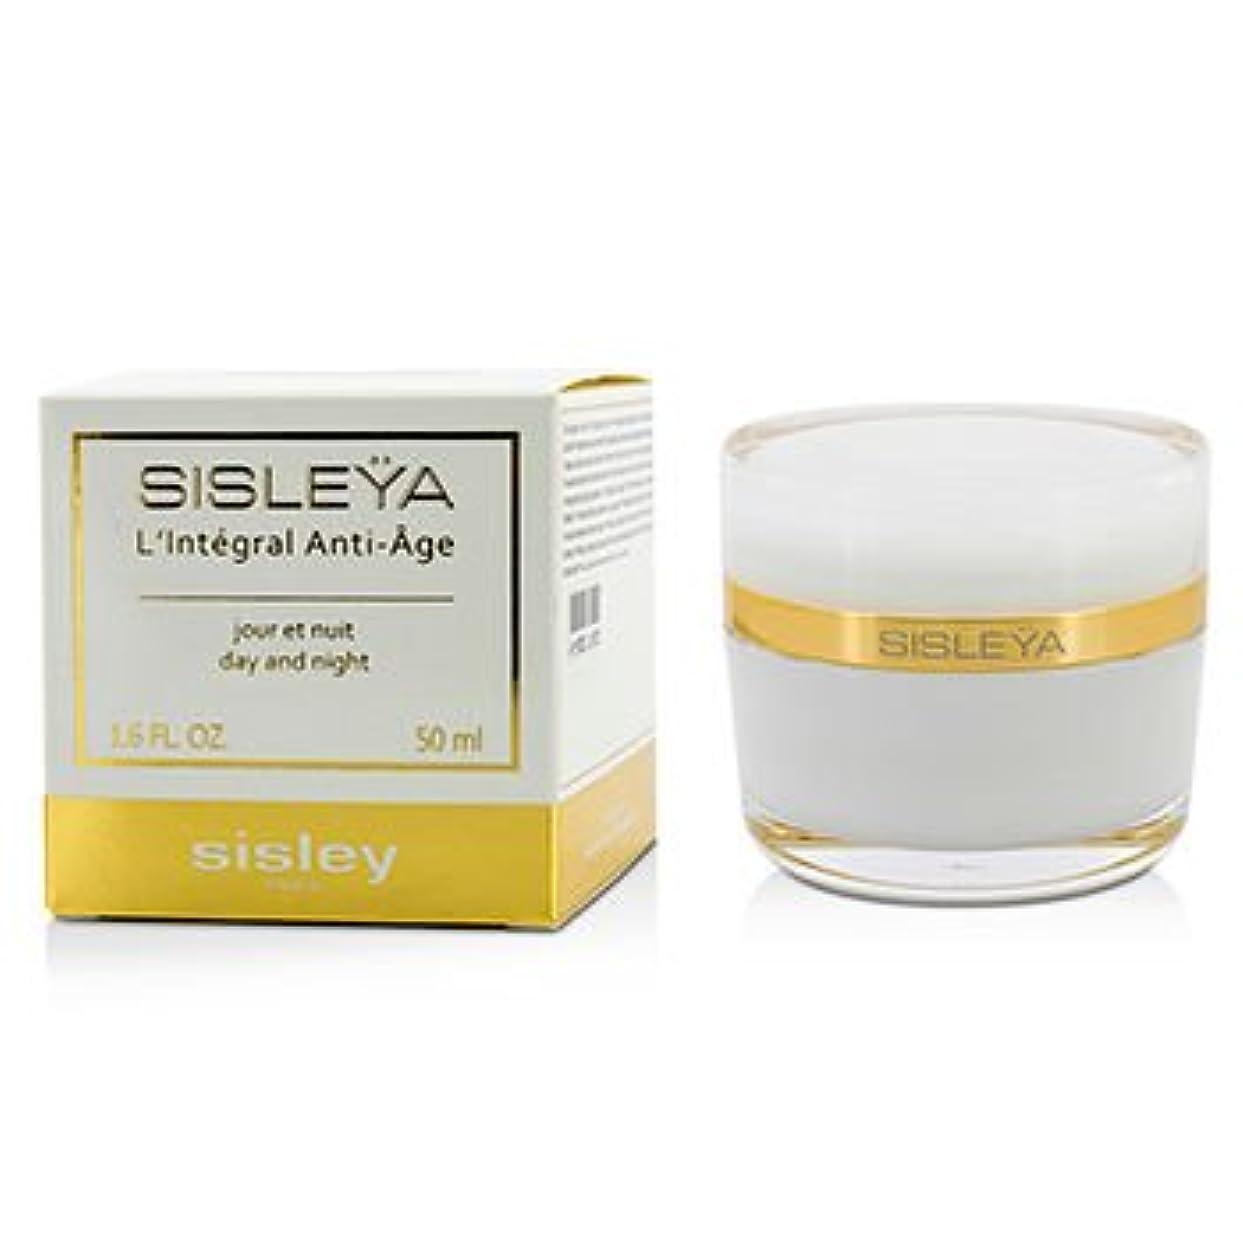 わずらわしいファンブルサービス[Sisley] Sisleya LIntegral Anti-Age Day And Night Cream 50ml/1.6oz